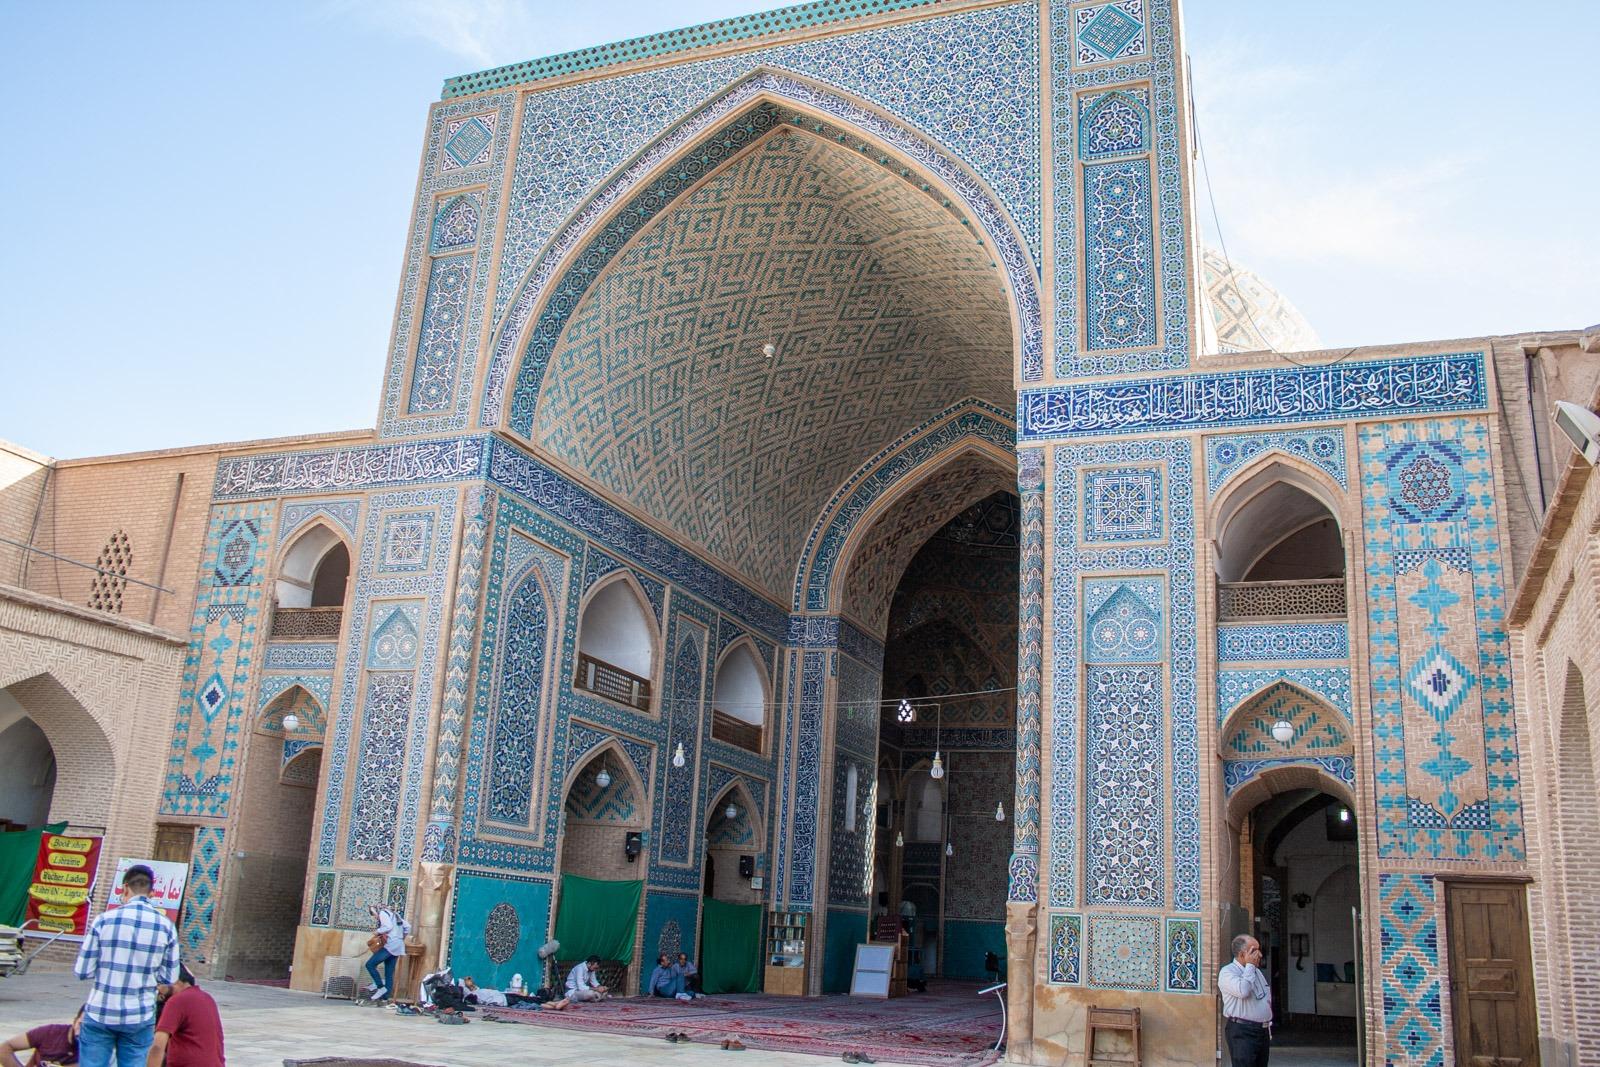 Jame Moschee, Freitagsmoschee in Yazd